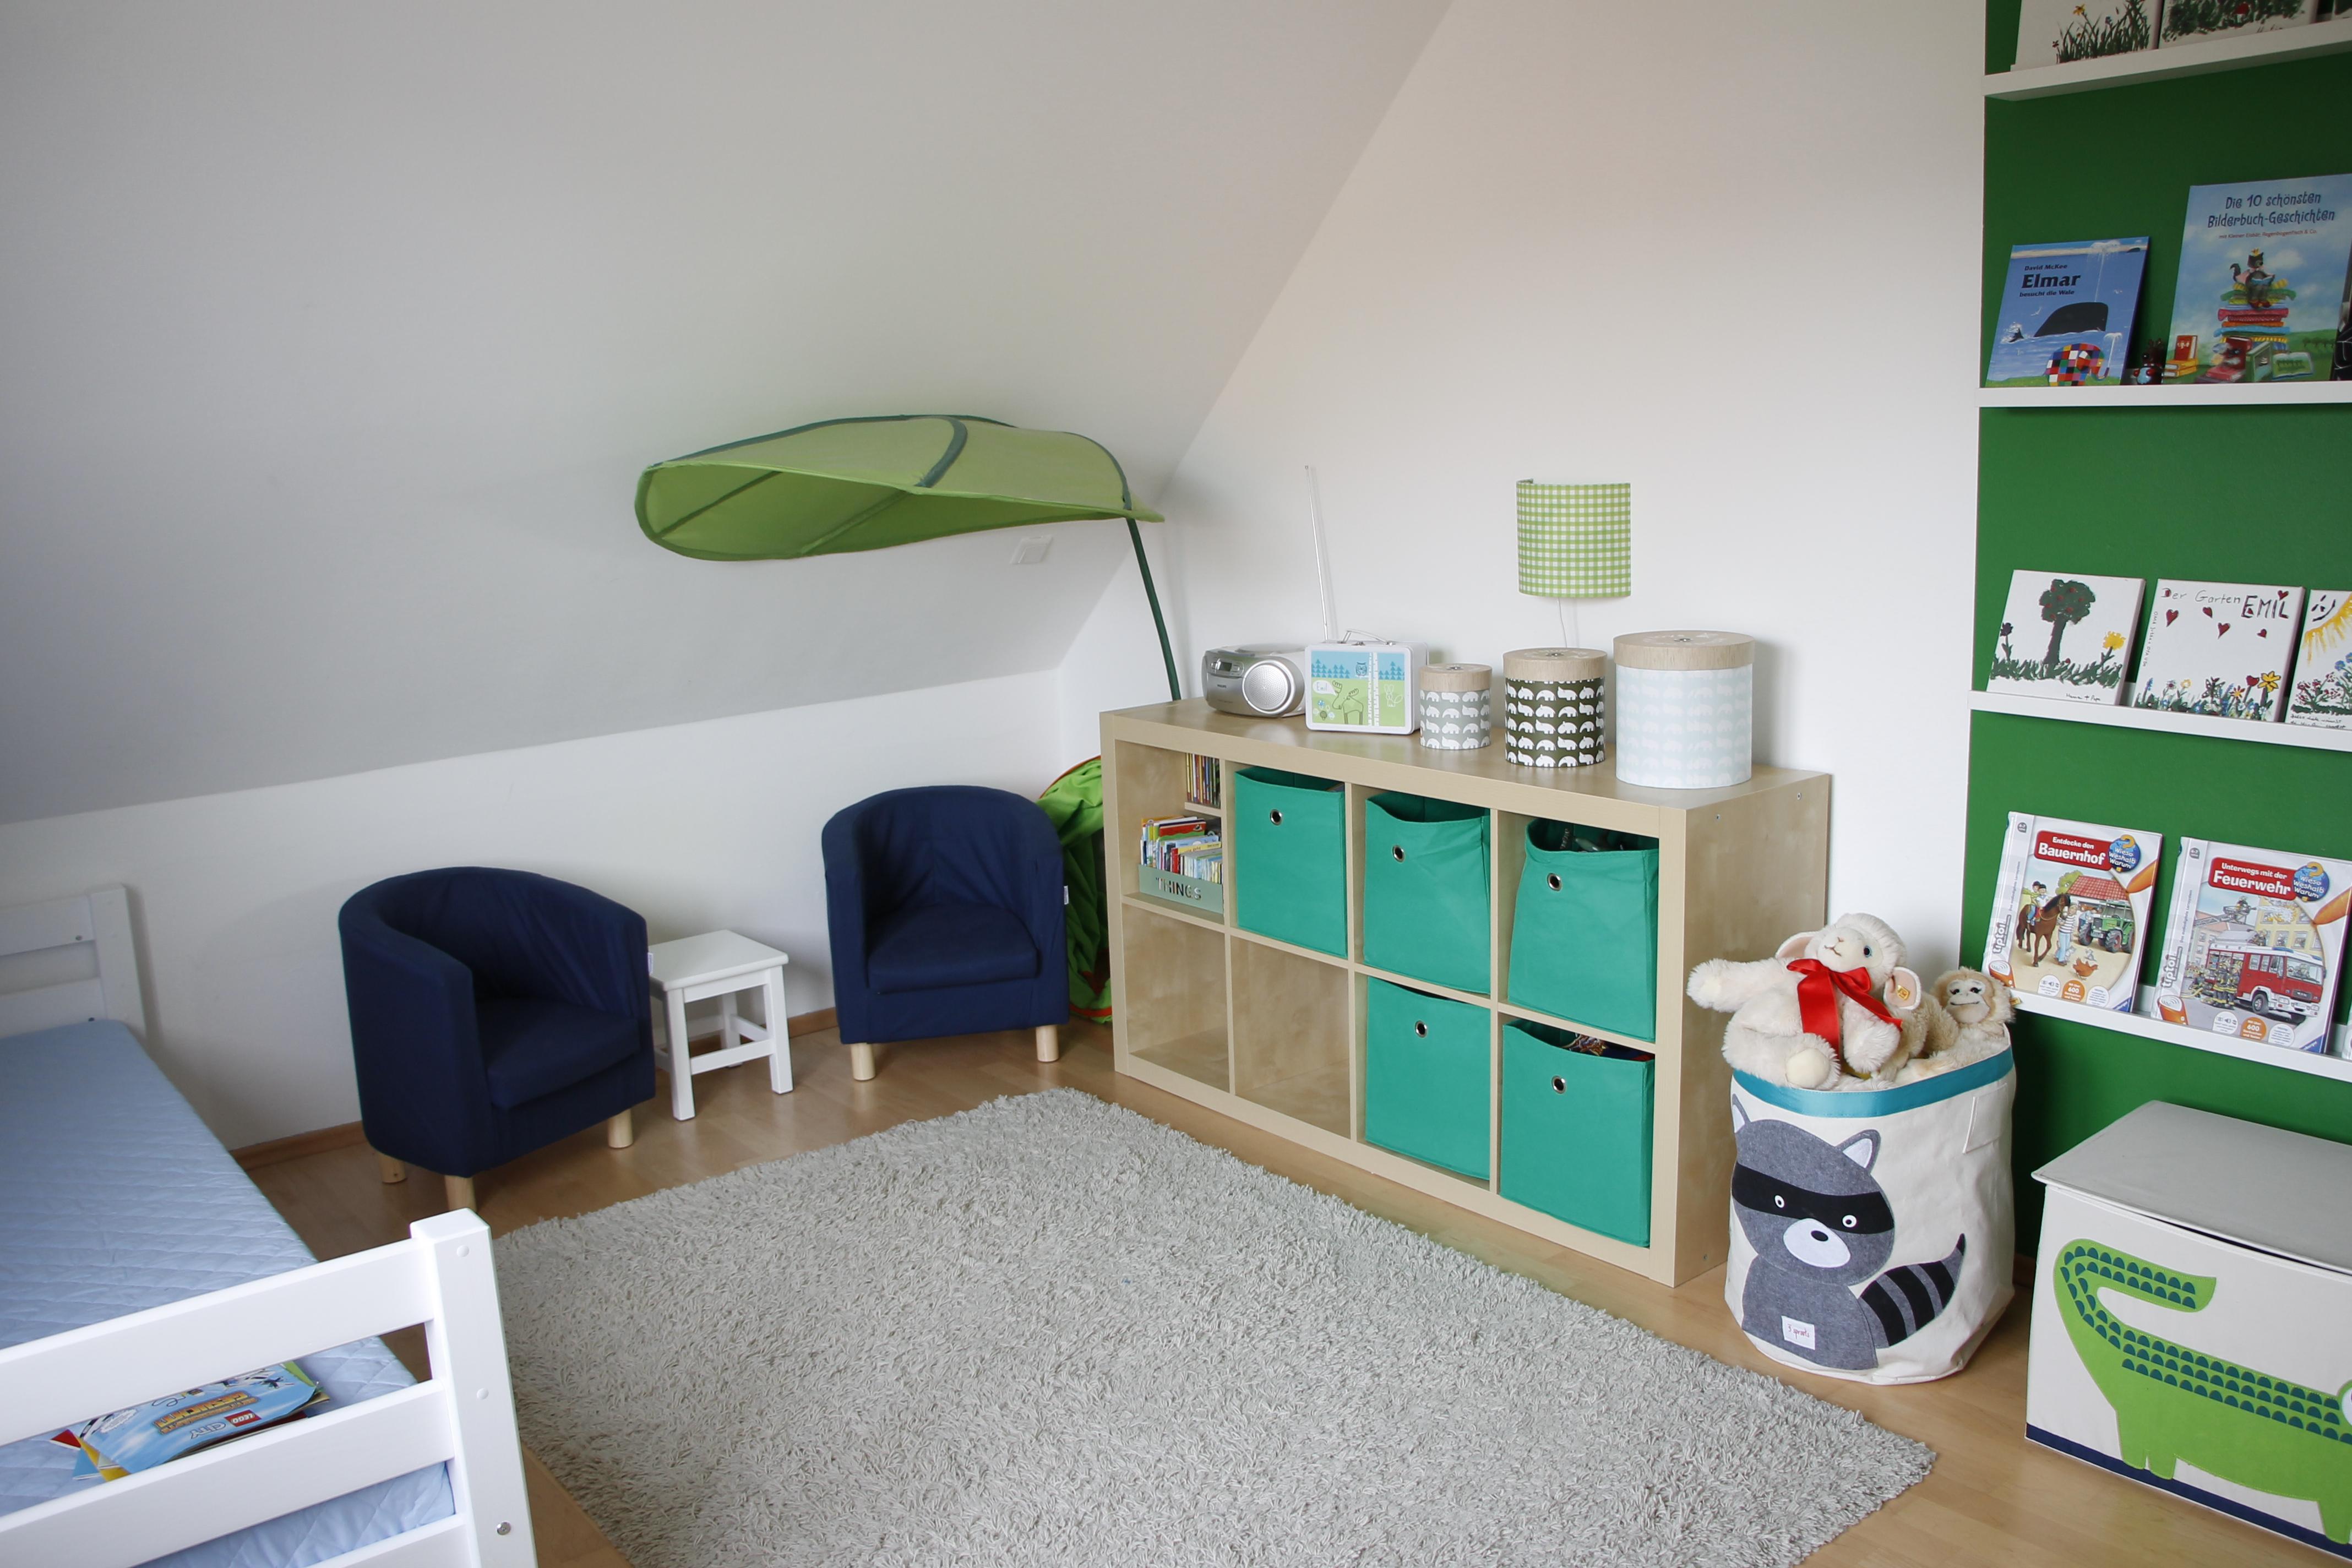 Ab in den Dschungel: Eine Kinderzimmer-Roomtour - Lavendelblog